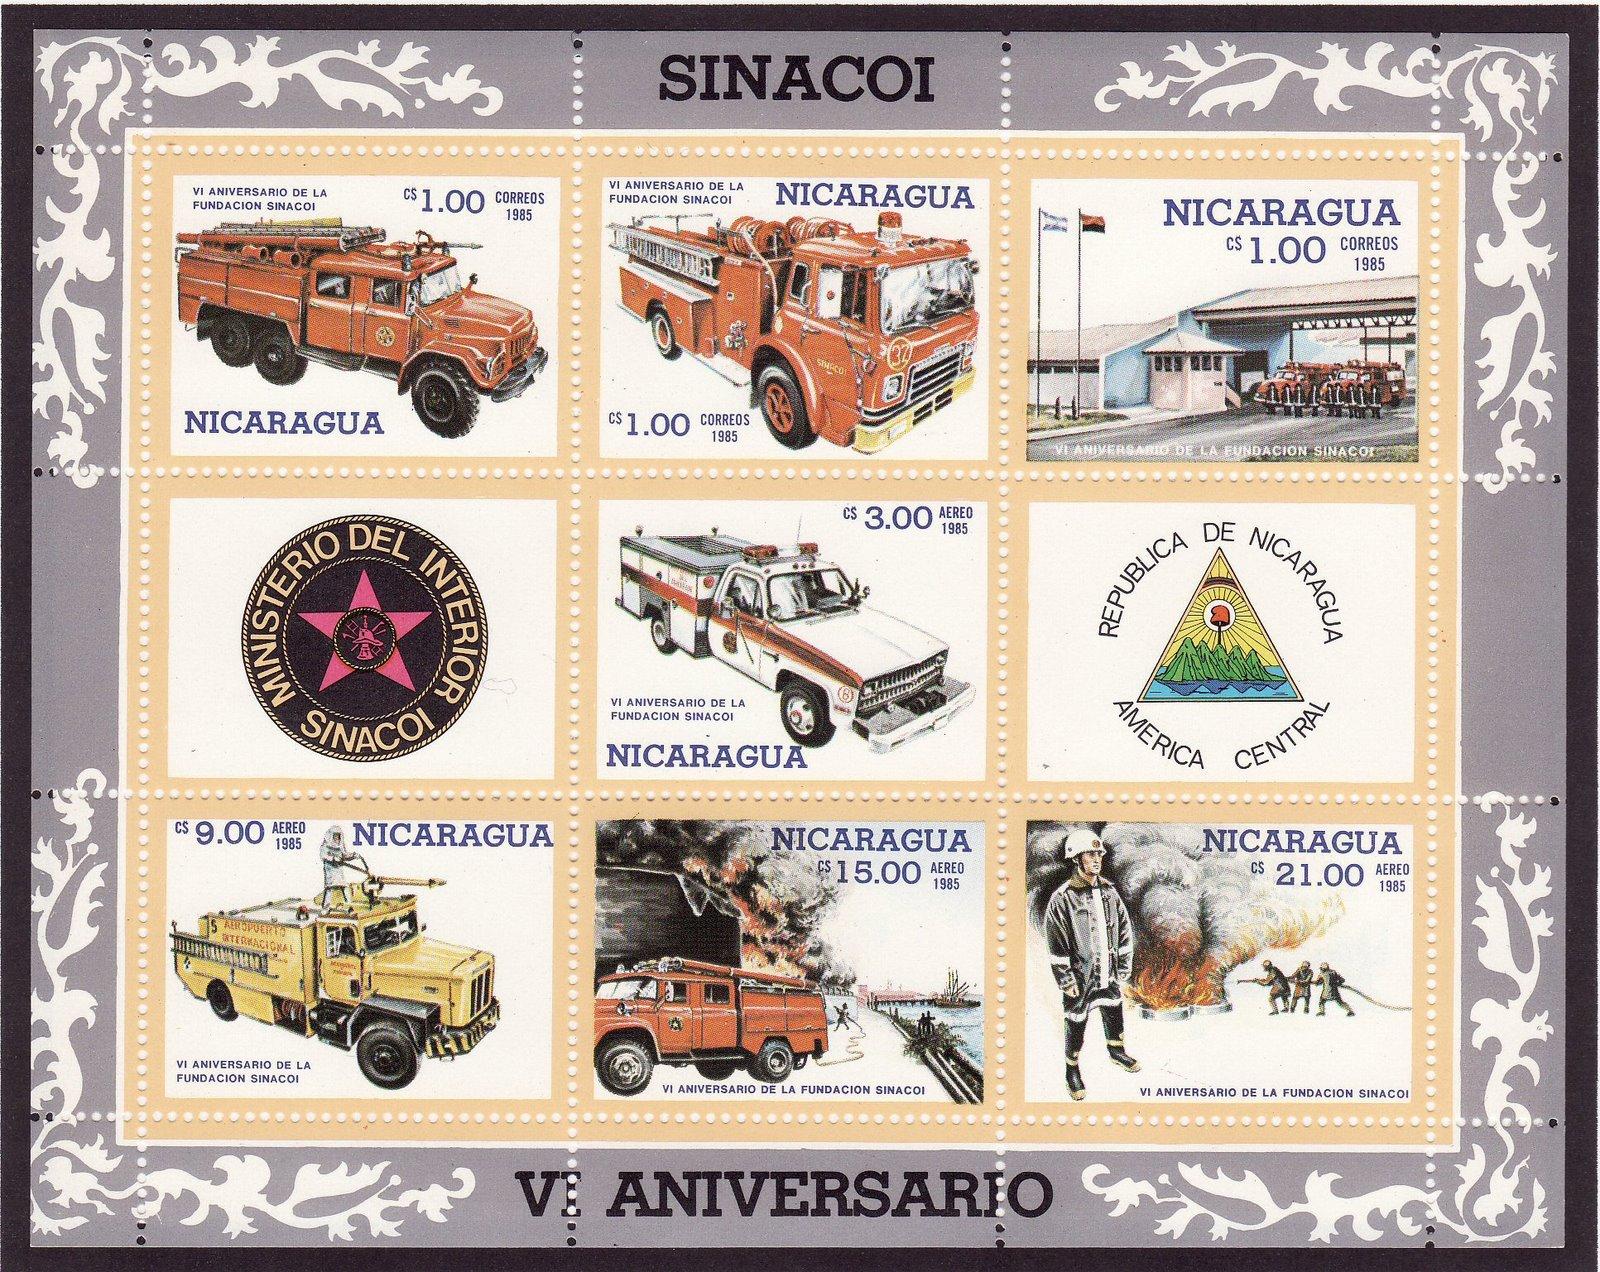 Sellos de bomberos vi aniversario de la fundaci n sinacoi for Sello del ministerio del interior